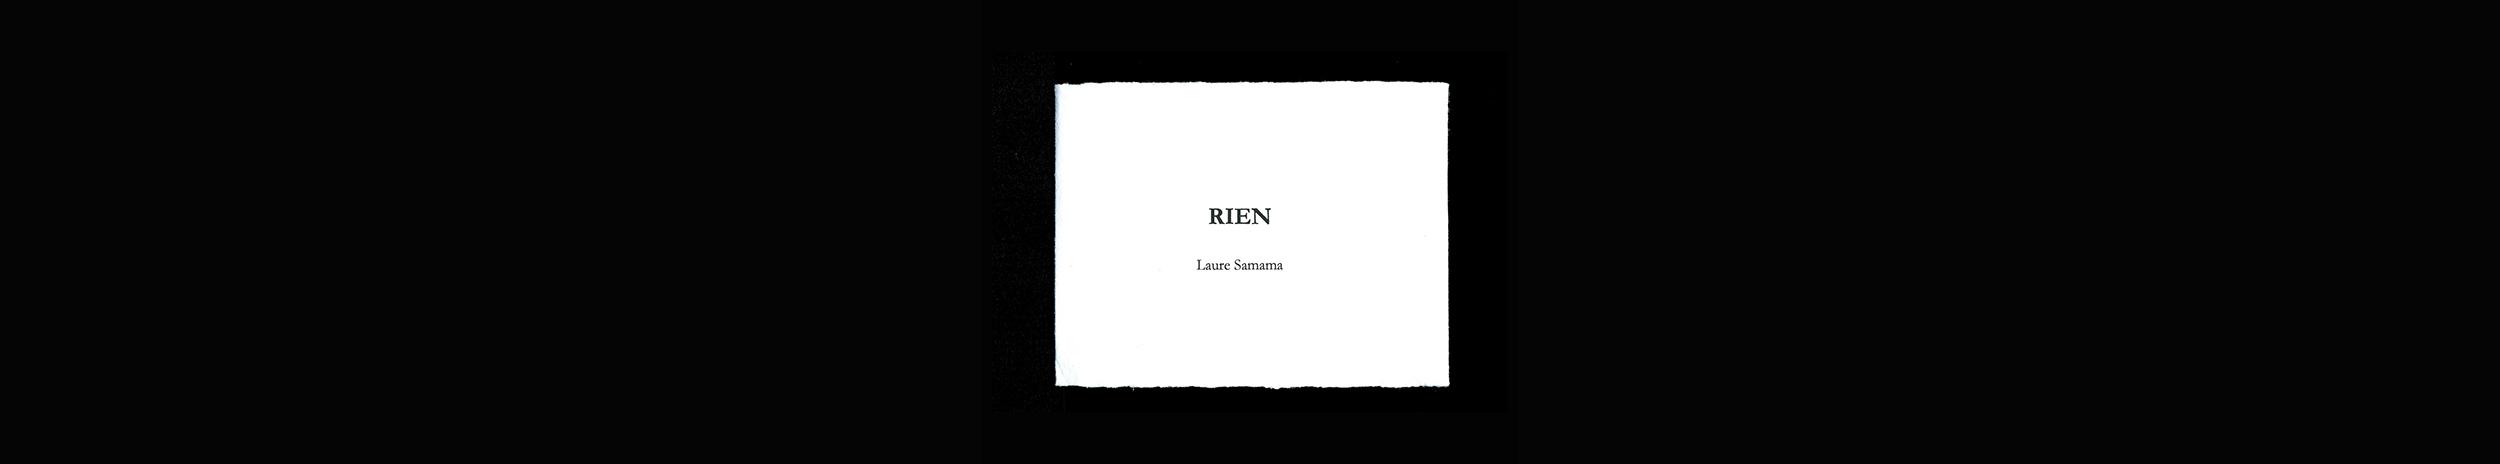 Scan-Web-Rien-0.jpg